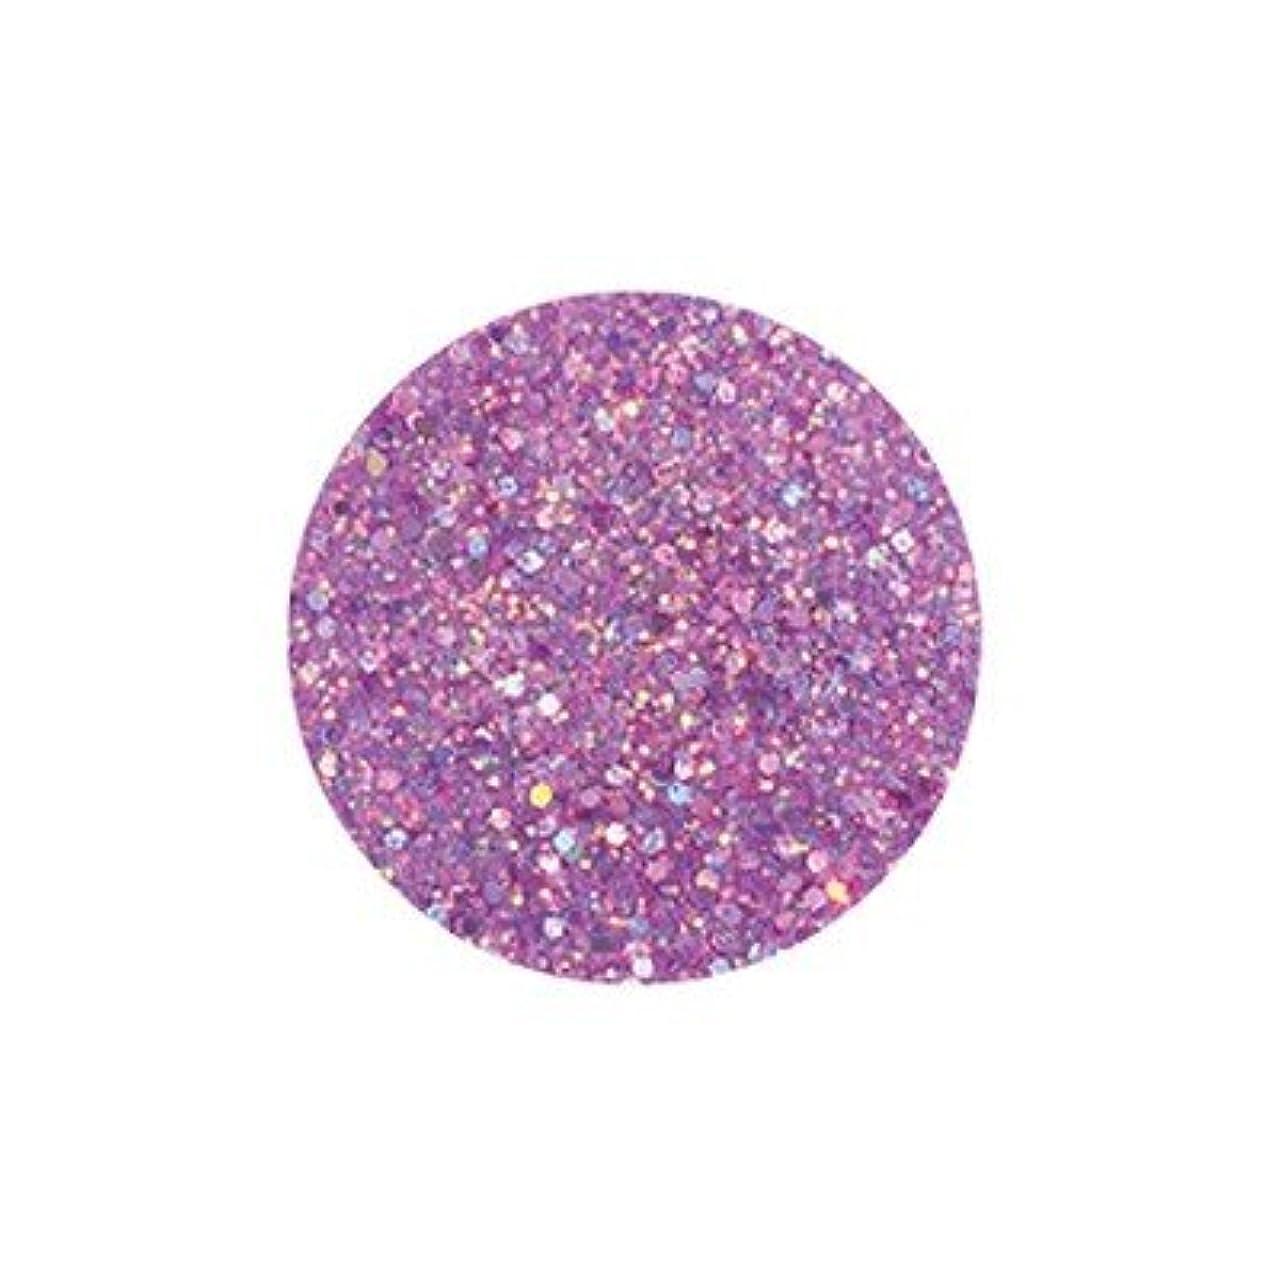 賞賛切り刻む優勢FANTASY NAIL ダイヤモンドコレクション 3g 4258XS カラーパウダー アート材